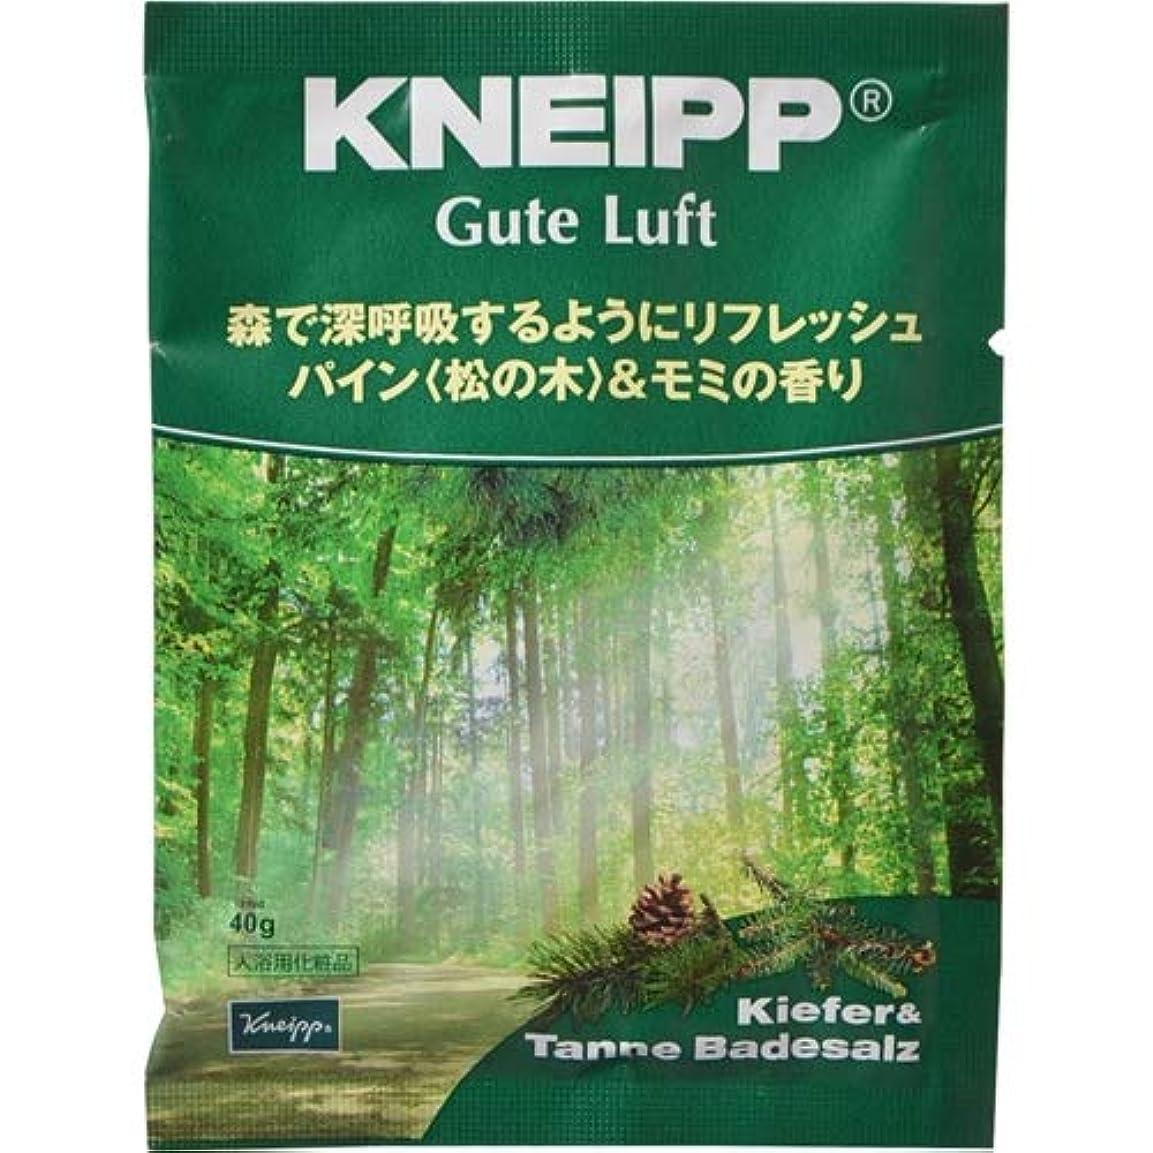 是正するバリケード飢饉クナイプ?ジャパン クナイプ グーテルフト バスソルト パイン<松の木>&モミの香り 40g